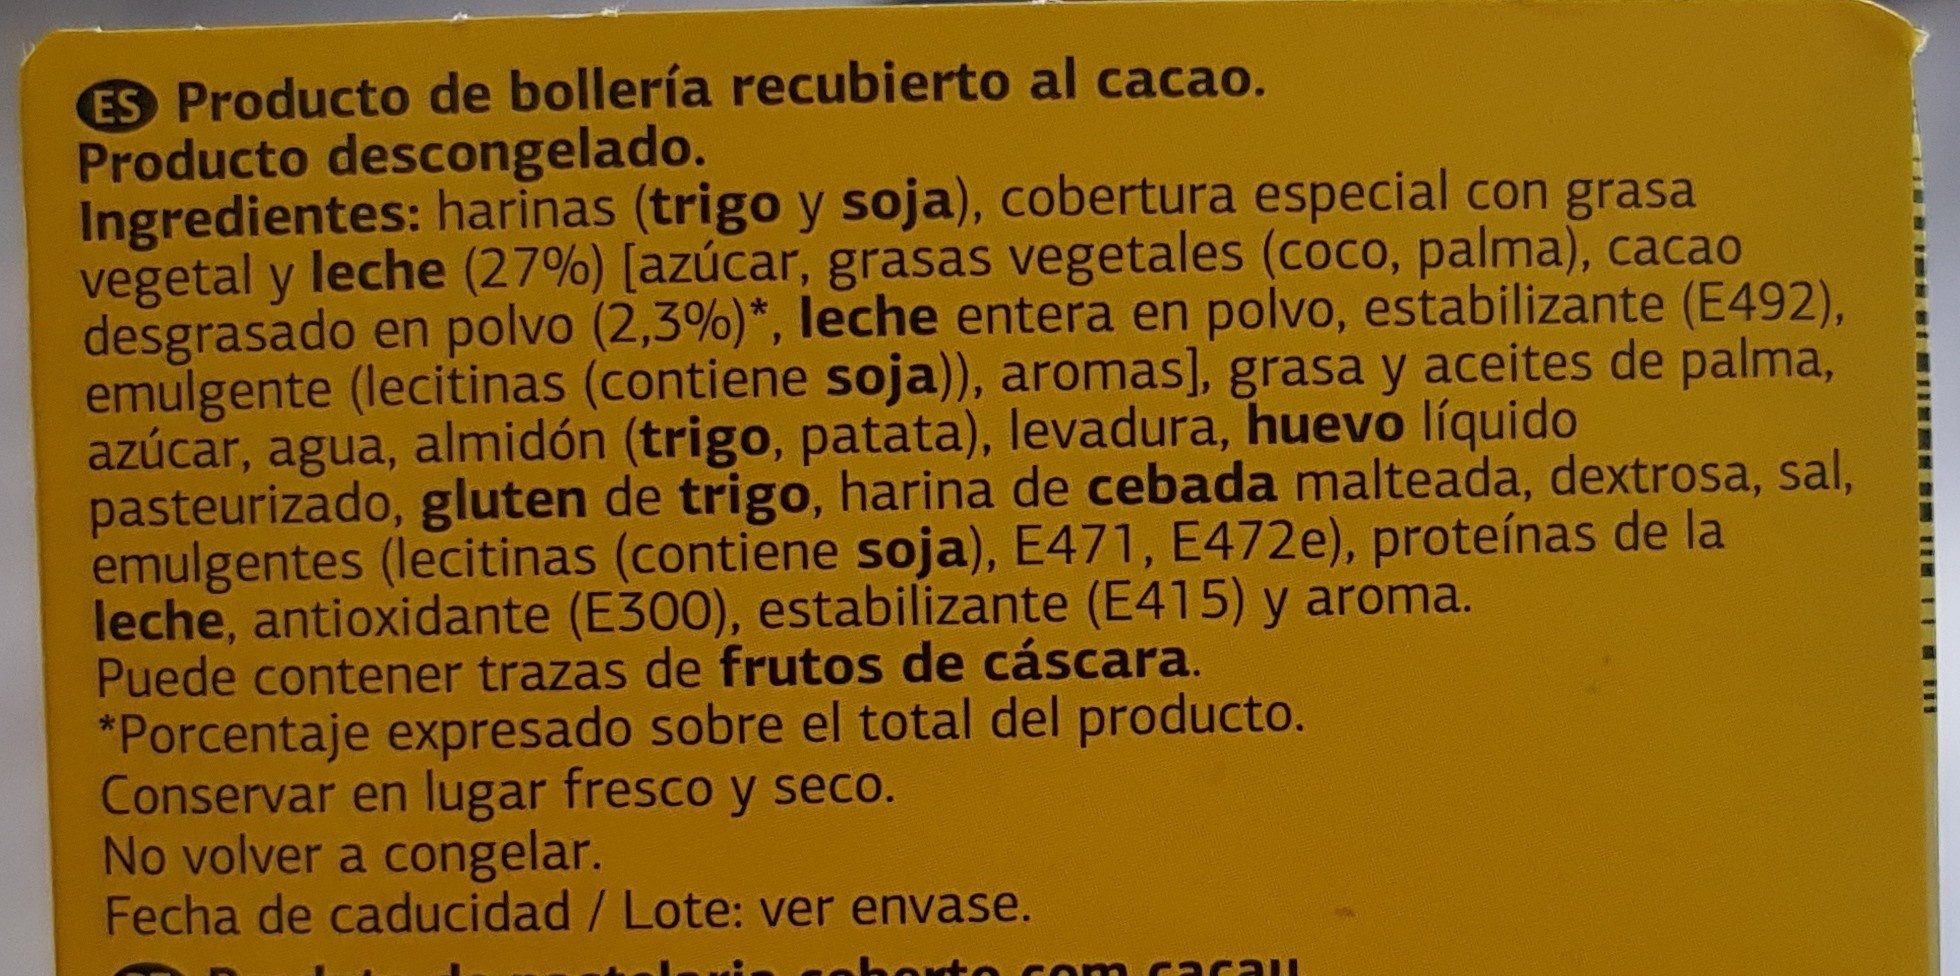 Bolleria al cacao - Ingredients